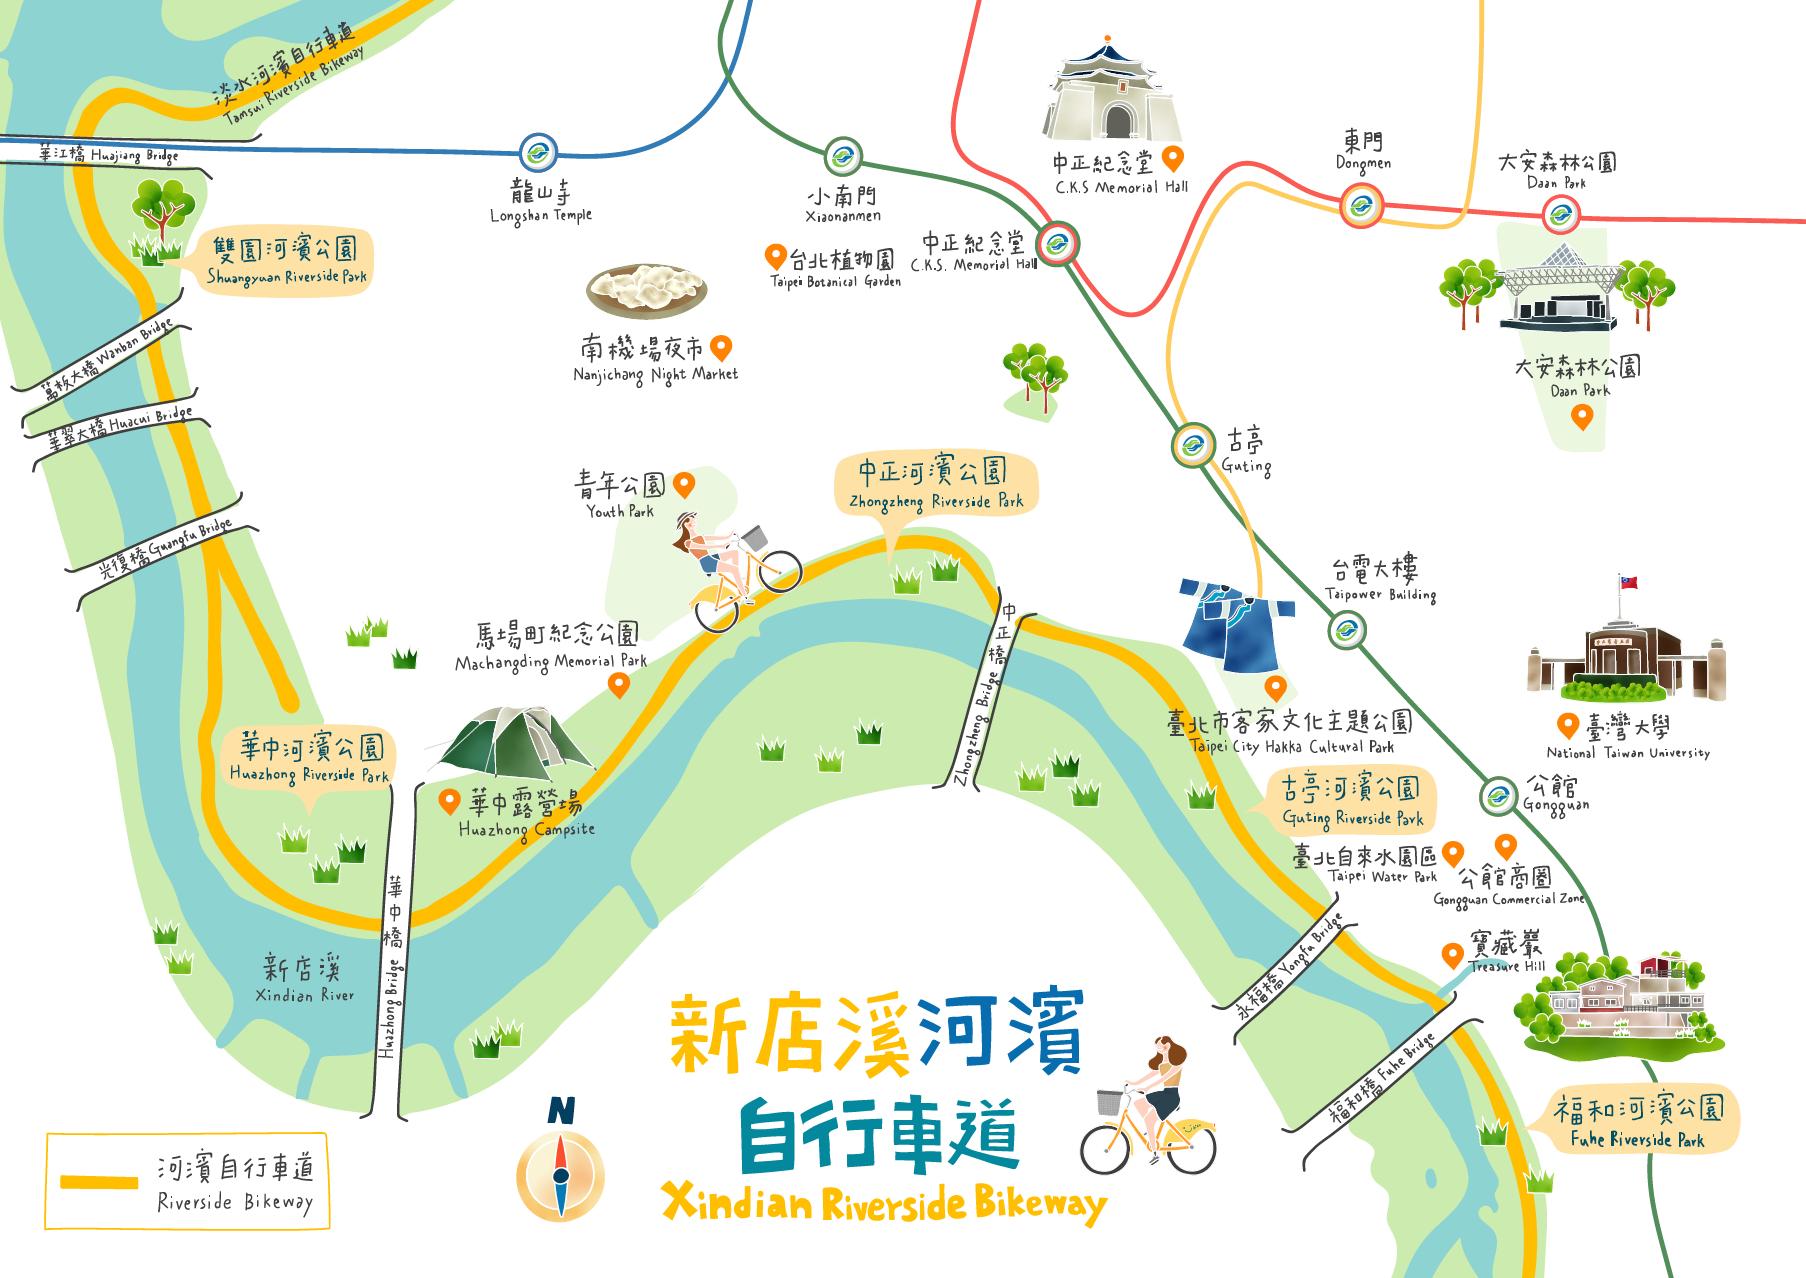 新店溪河濱自行車道